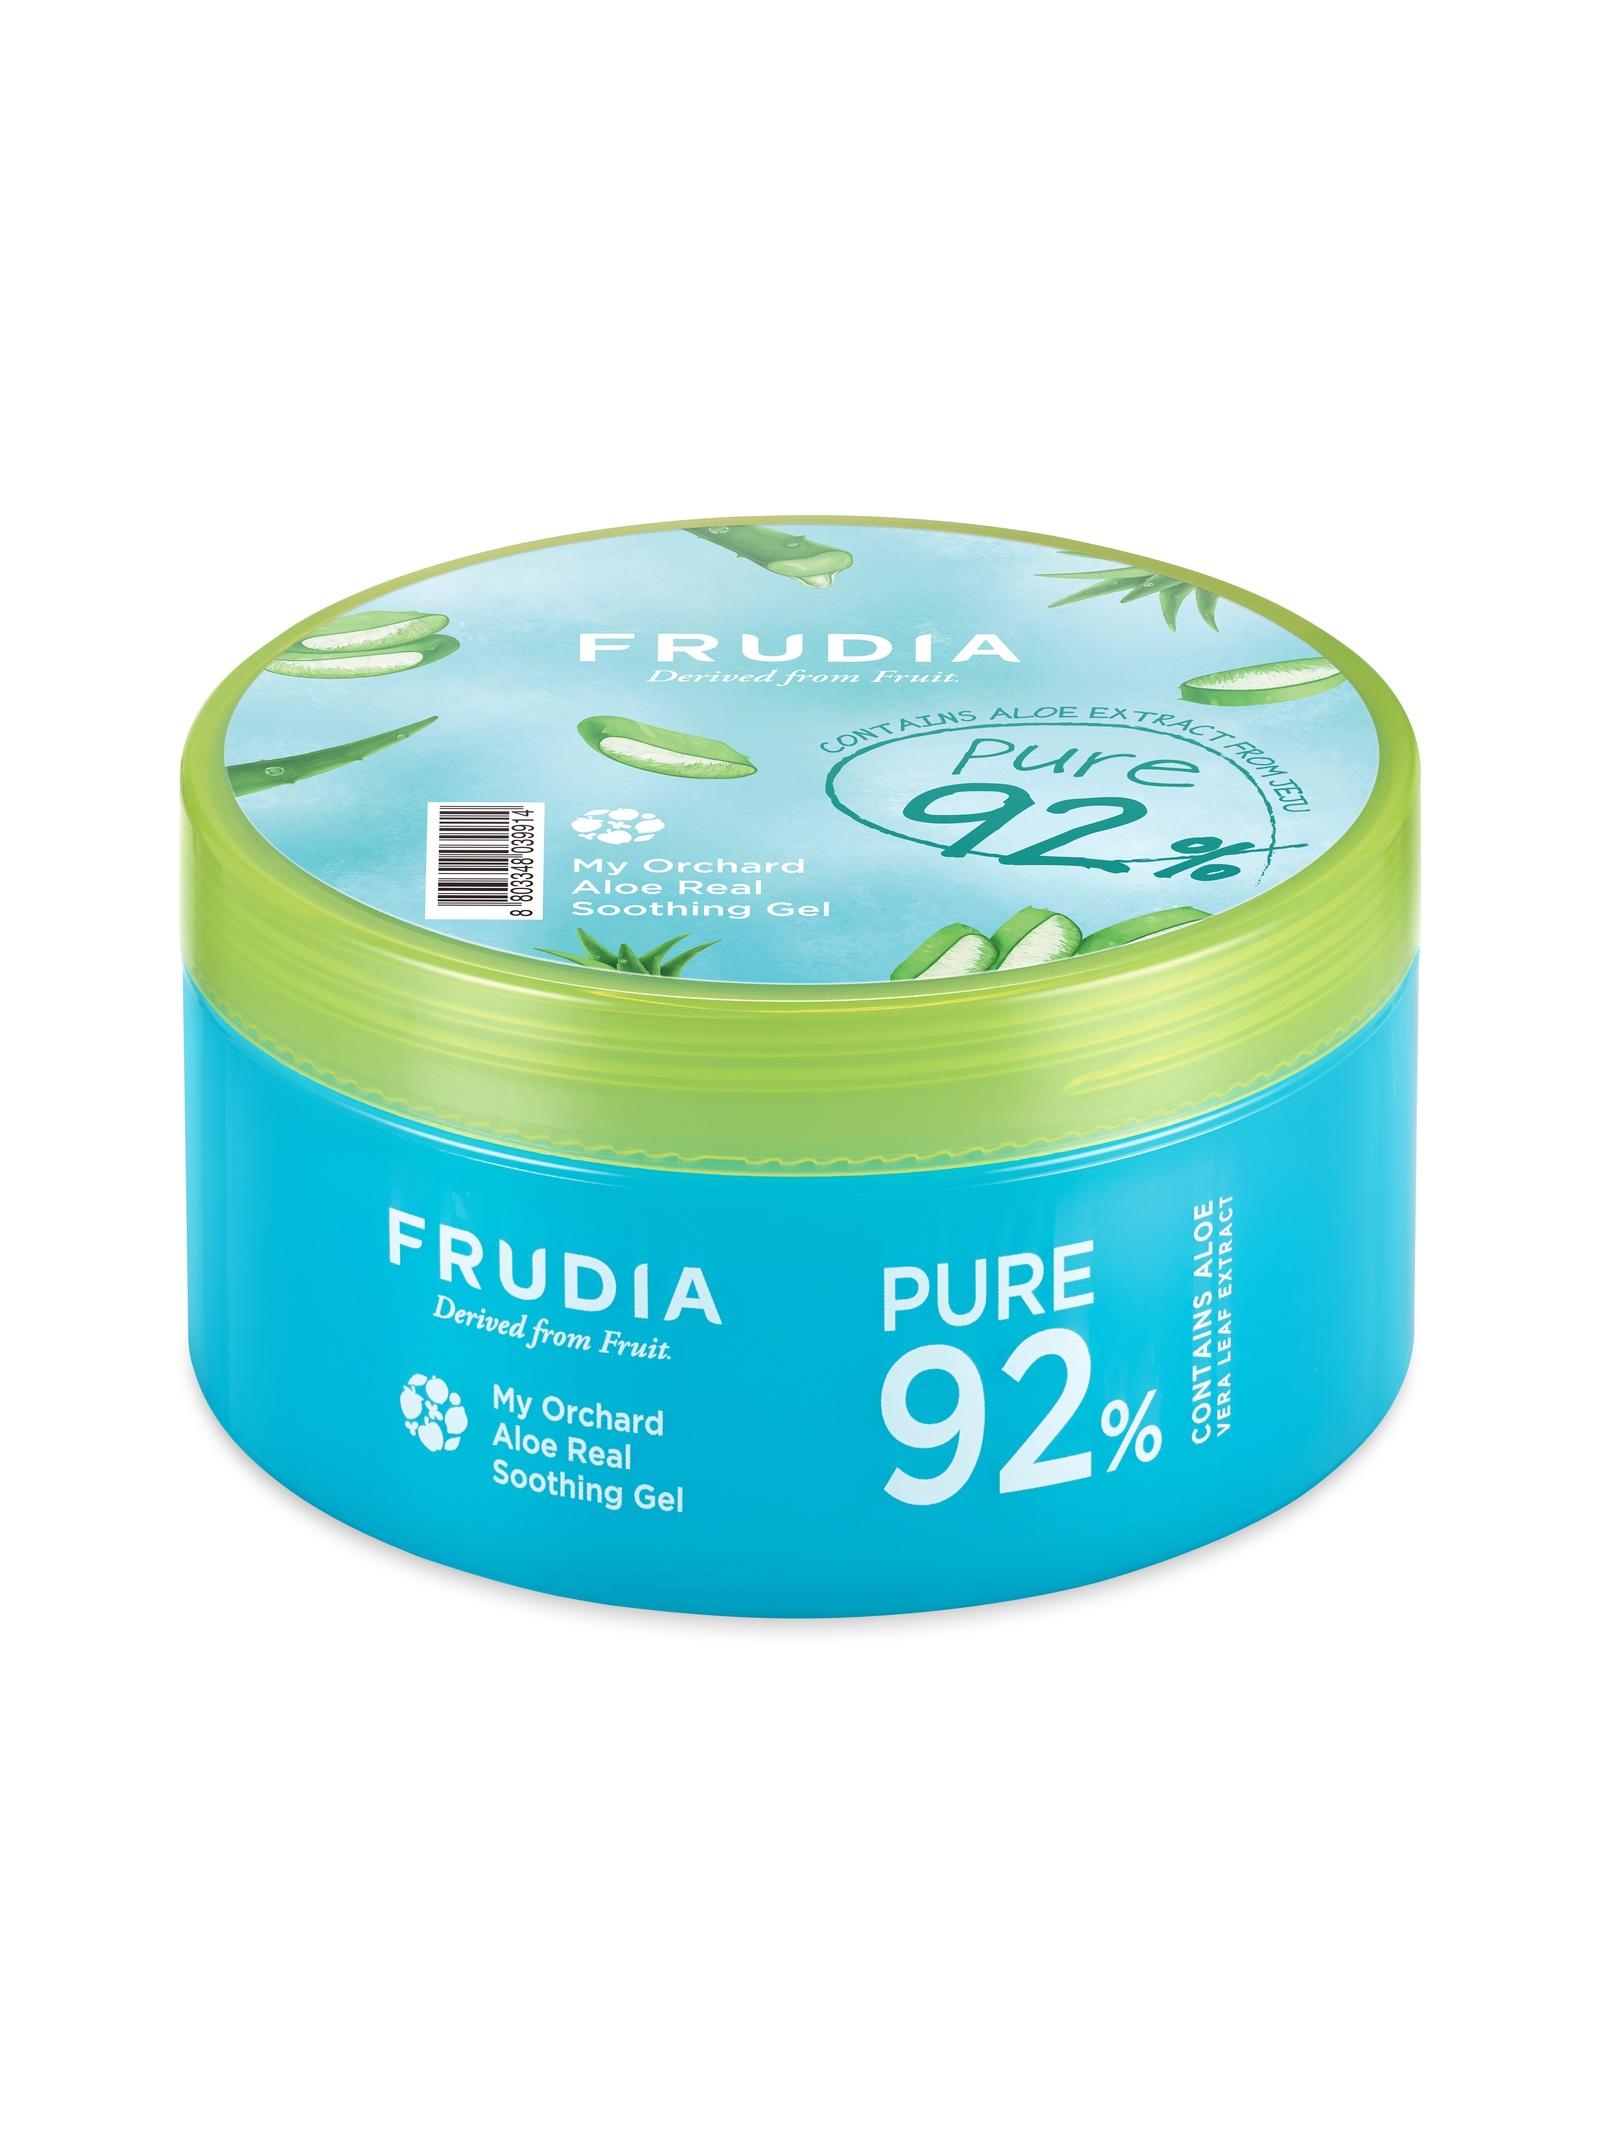 Гель для ухода за кожей Frudia F03991 Frudia